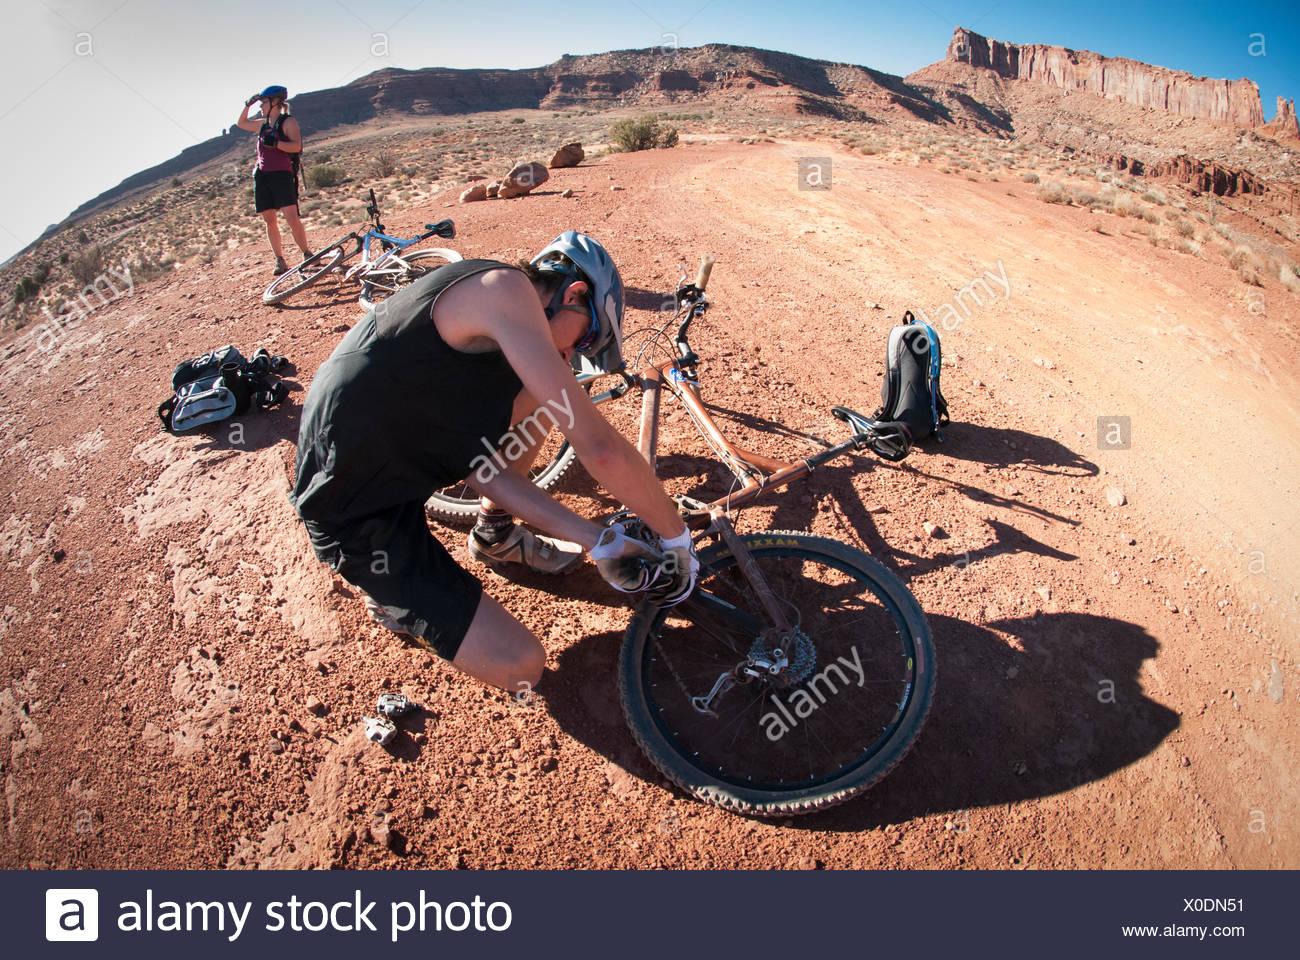 Riders tune up their mountain bikes while touring the White Rim Trail near Moab, Utah. - Stock Image